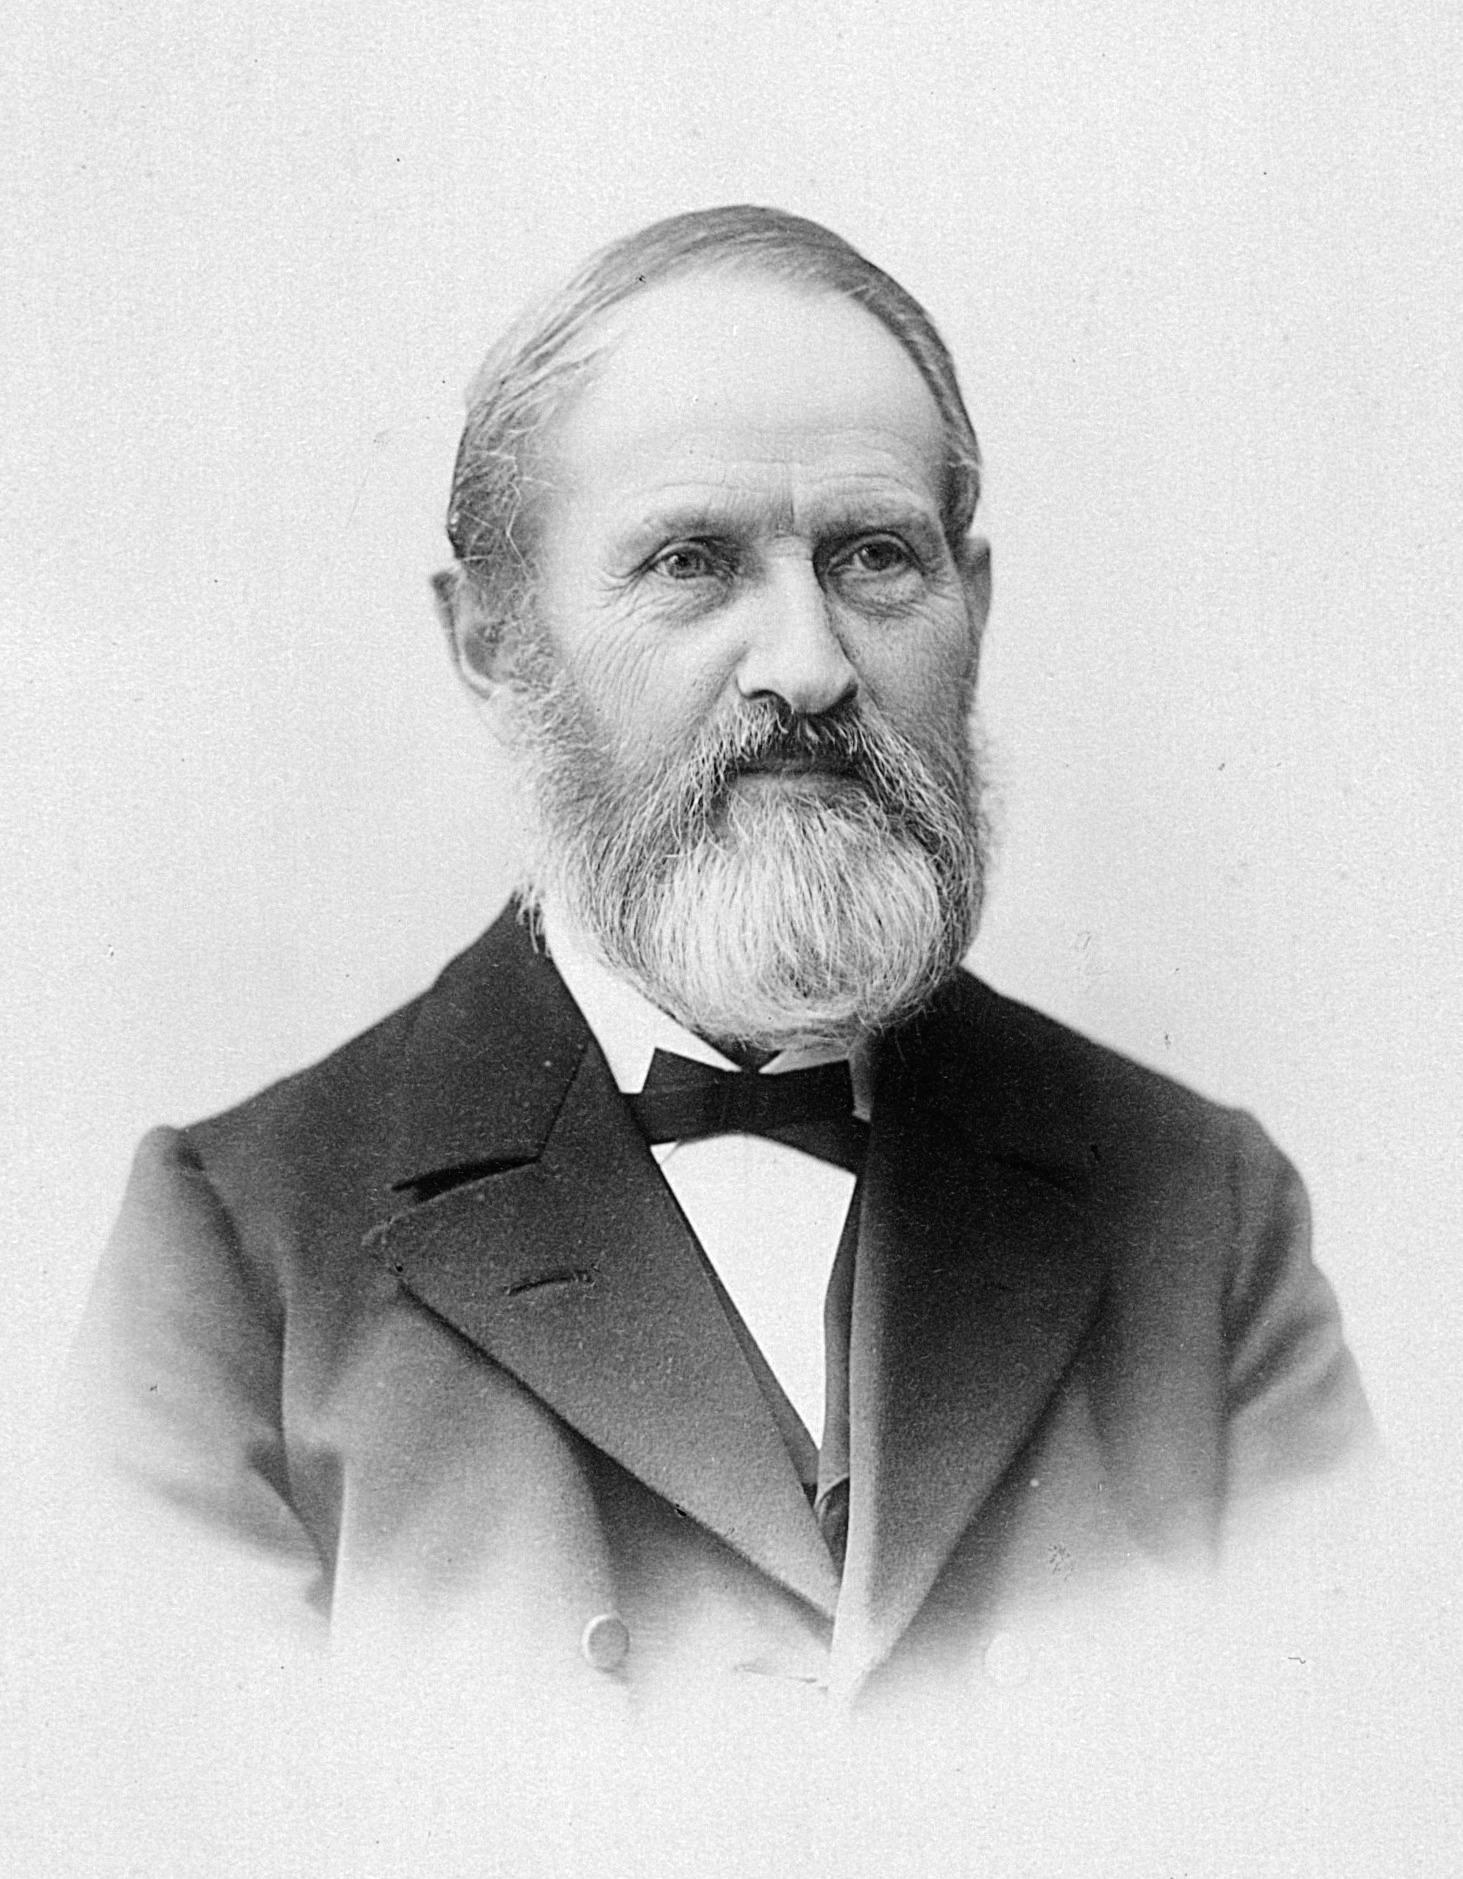 Wilhelm Fiedler